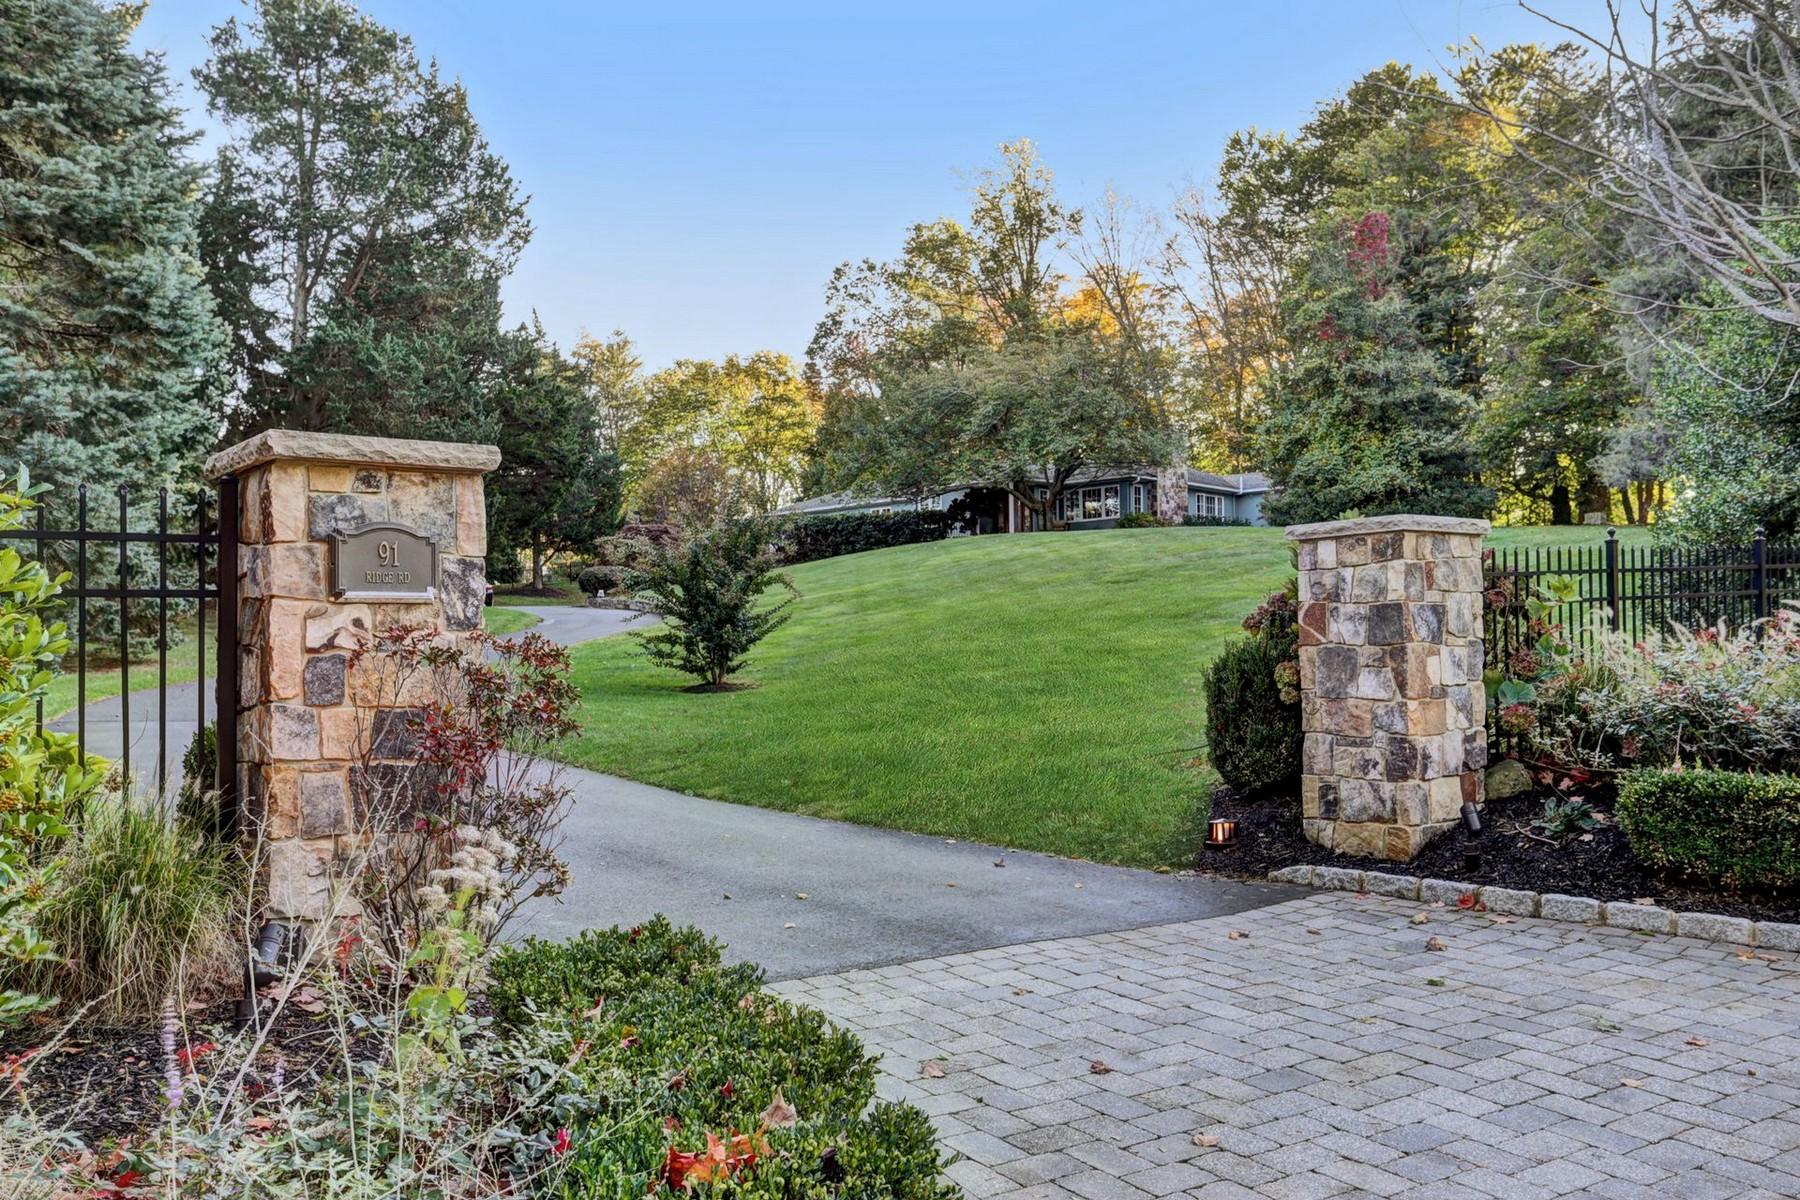 Maison unifamiliale pour l Vente à California Dreaming 91 Ridge Rd, Rumson, New Jersey 07760 États-Unis